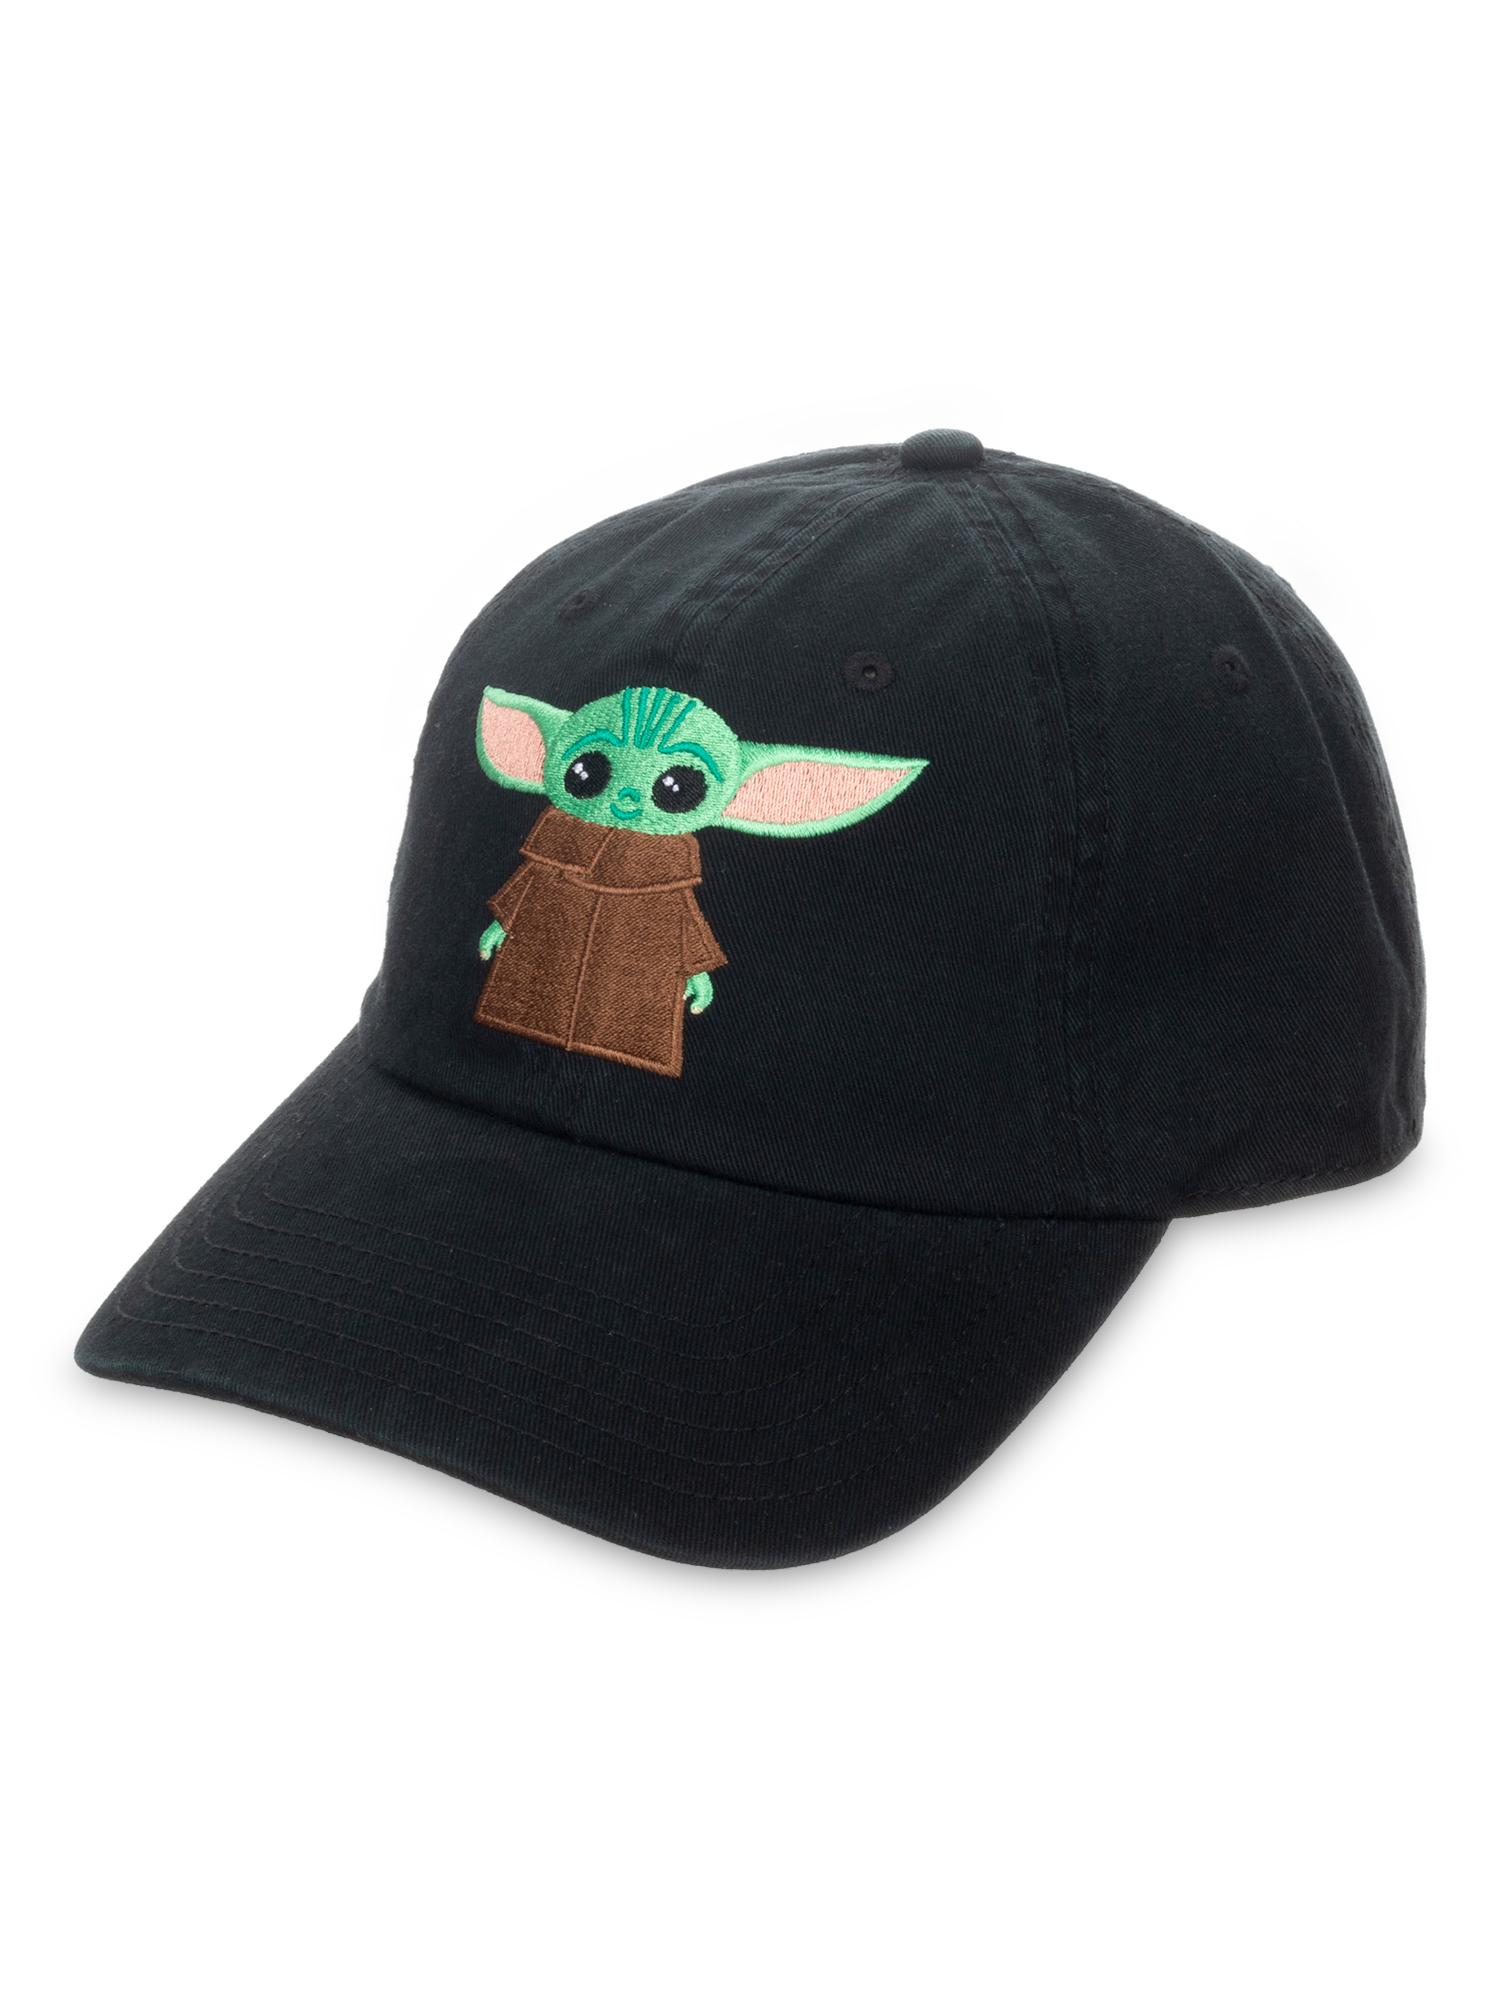 TM Baby Yoda (The Child) Black Hat 2